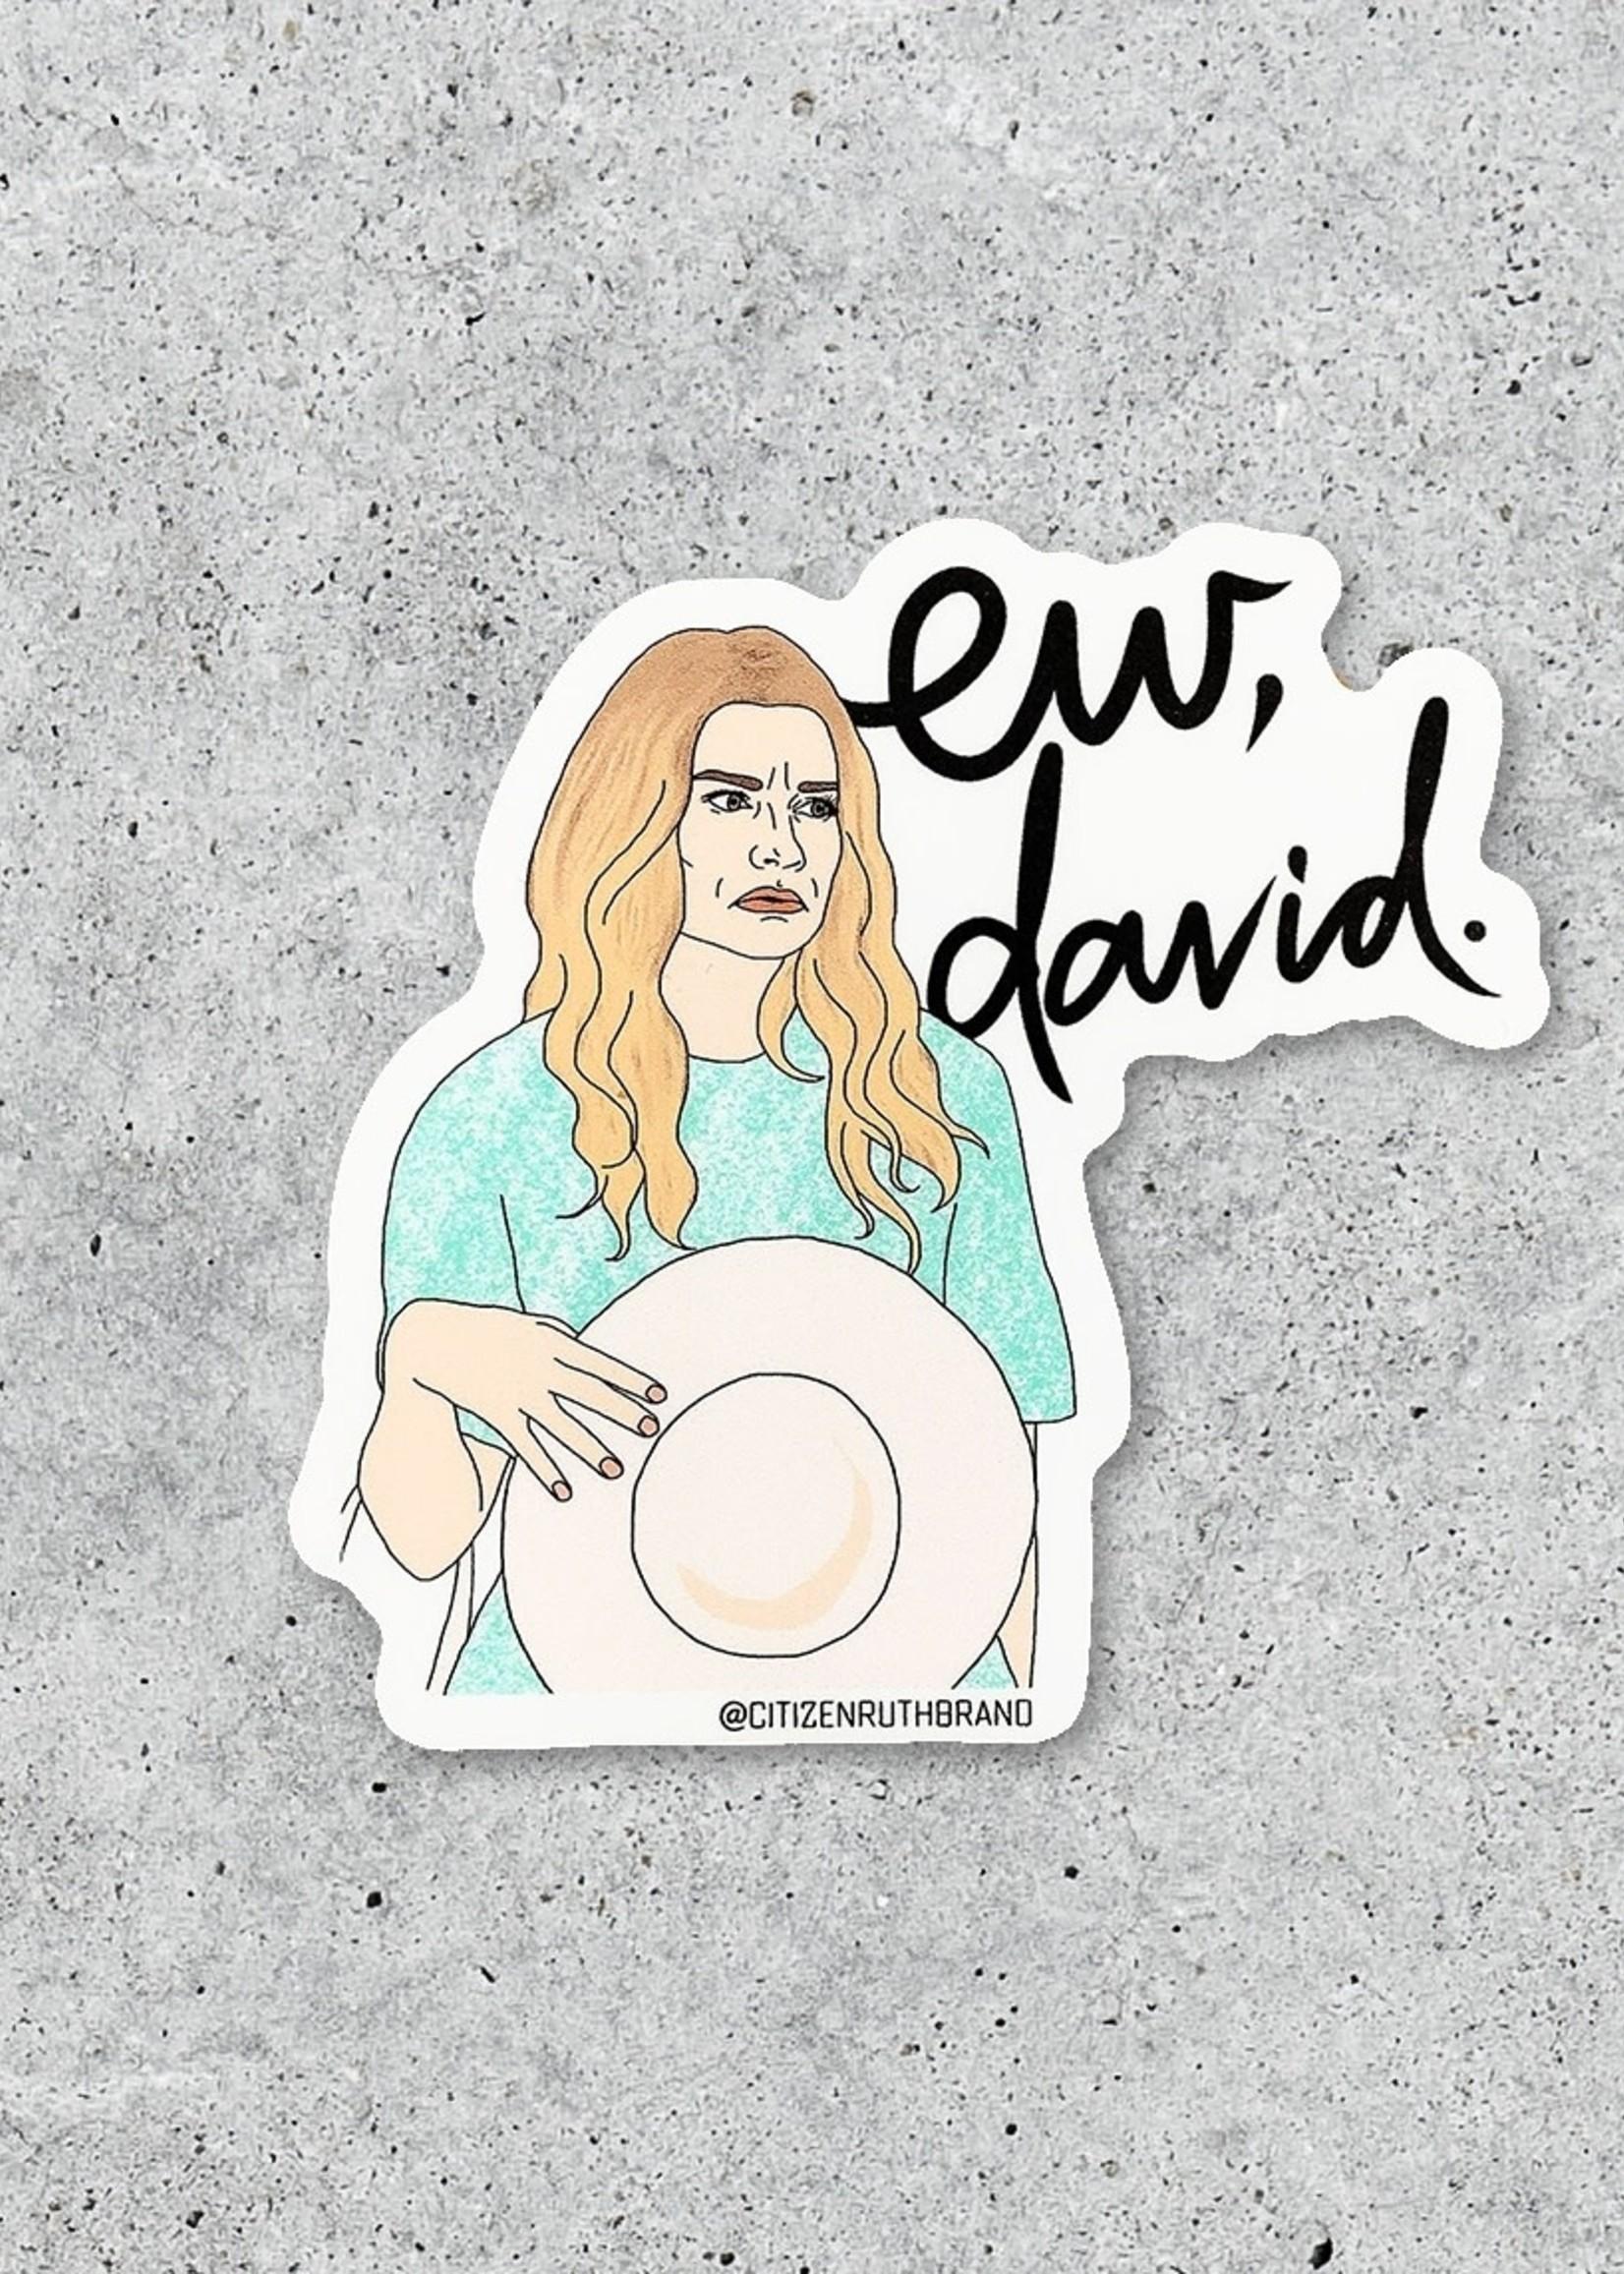 CITIZEN RUTH CITIZEN RUTH EW DAVID STICKER